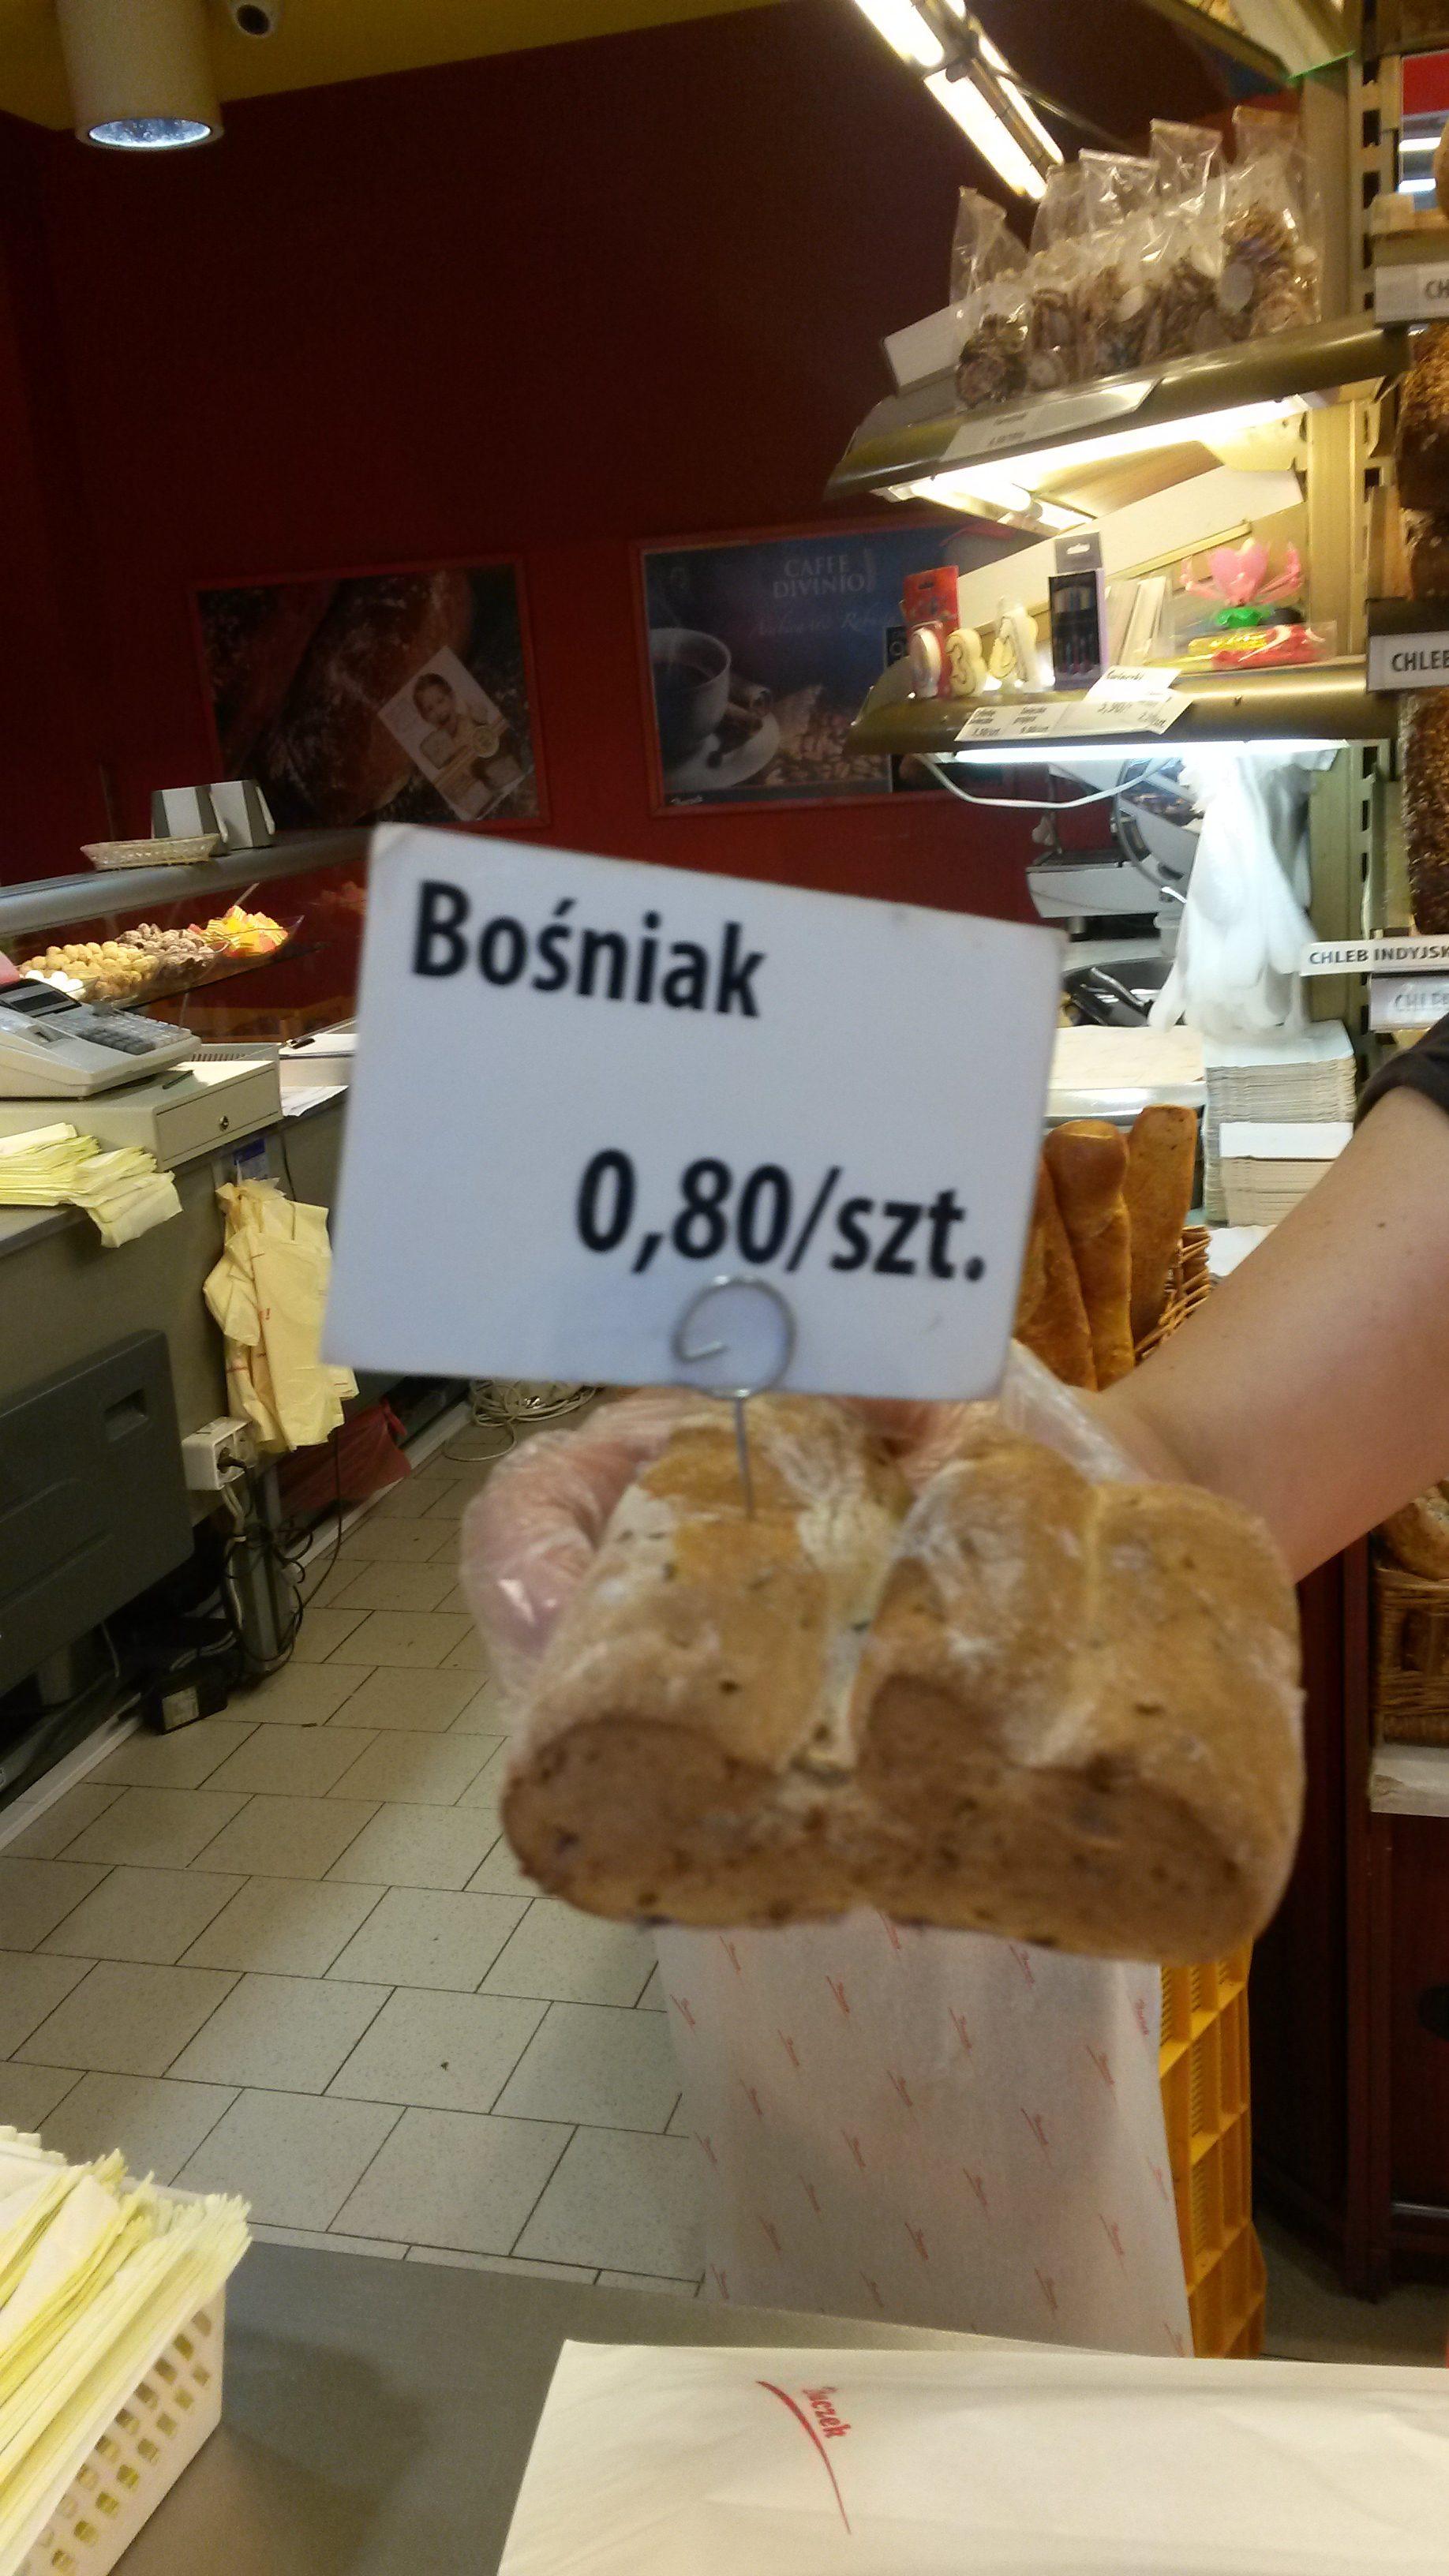 Bośniak